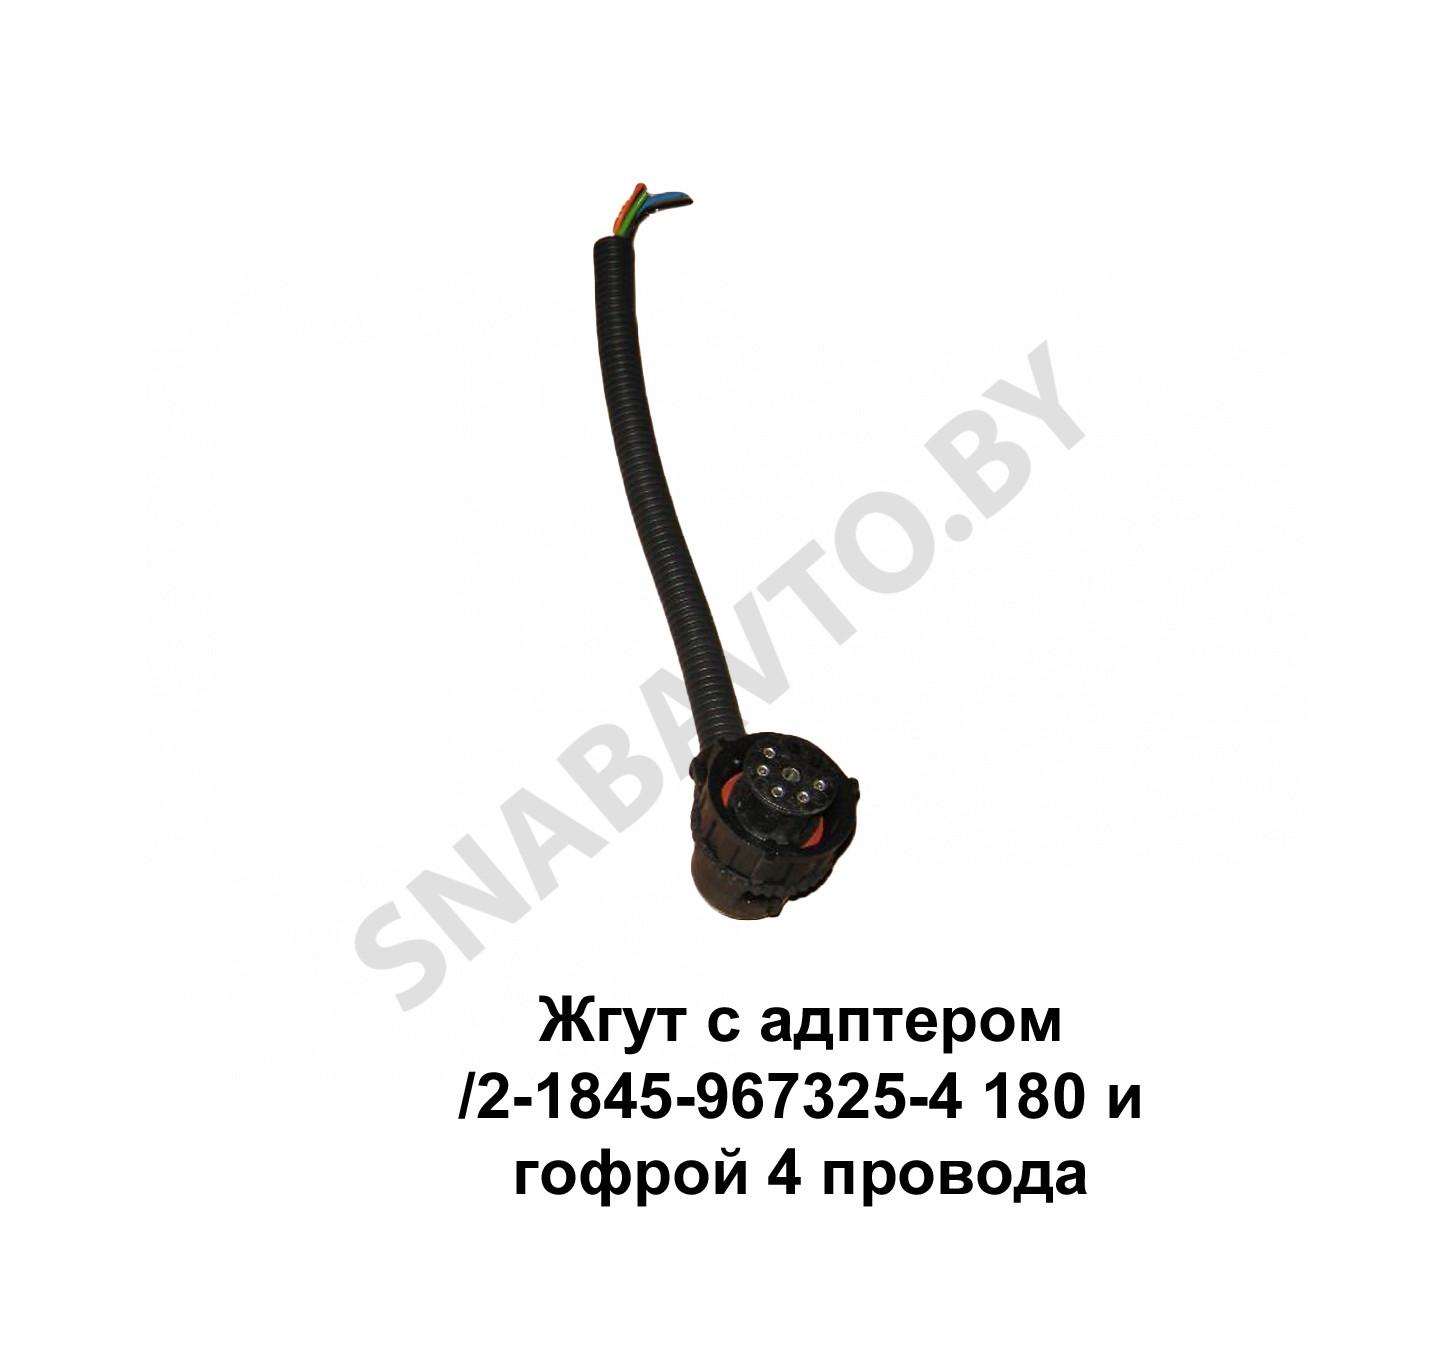 Жгут с адптером /2-1845-967325-4 180 и гофрой 4 провода